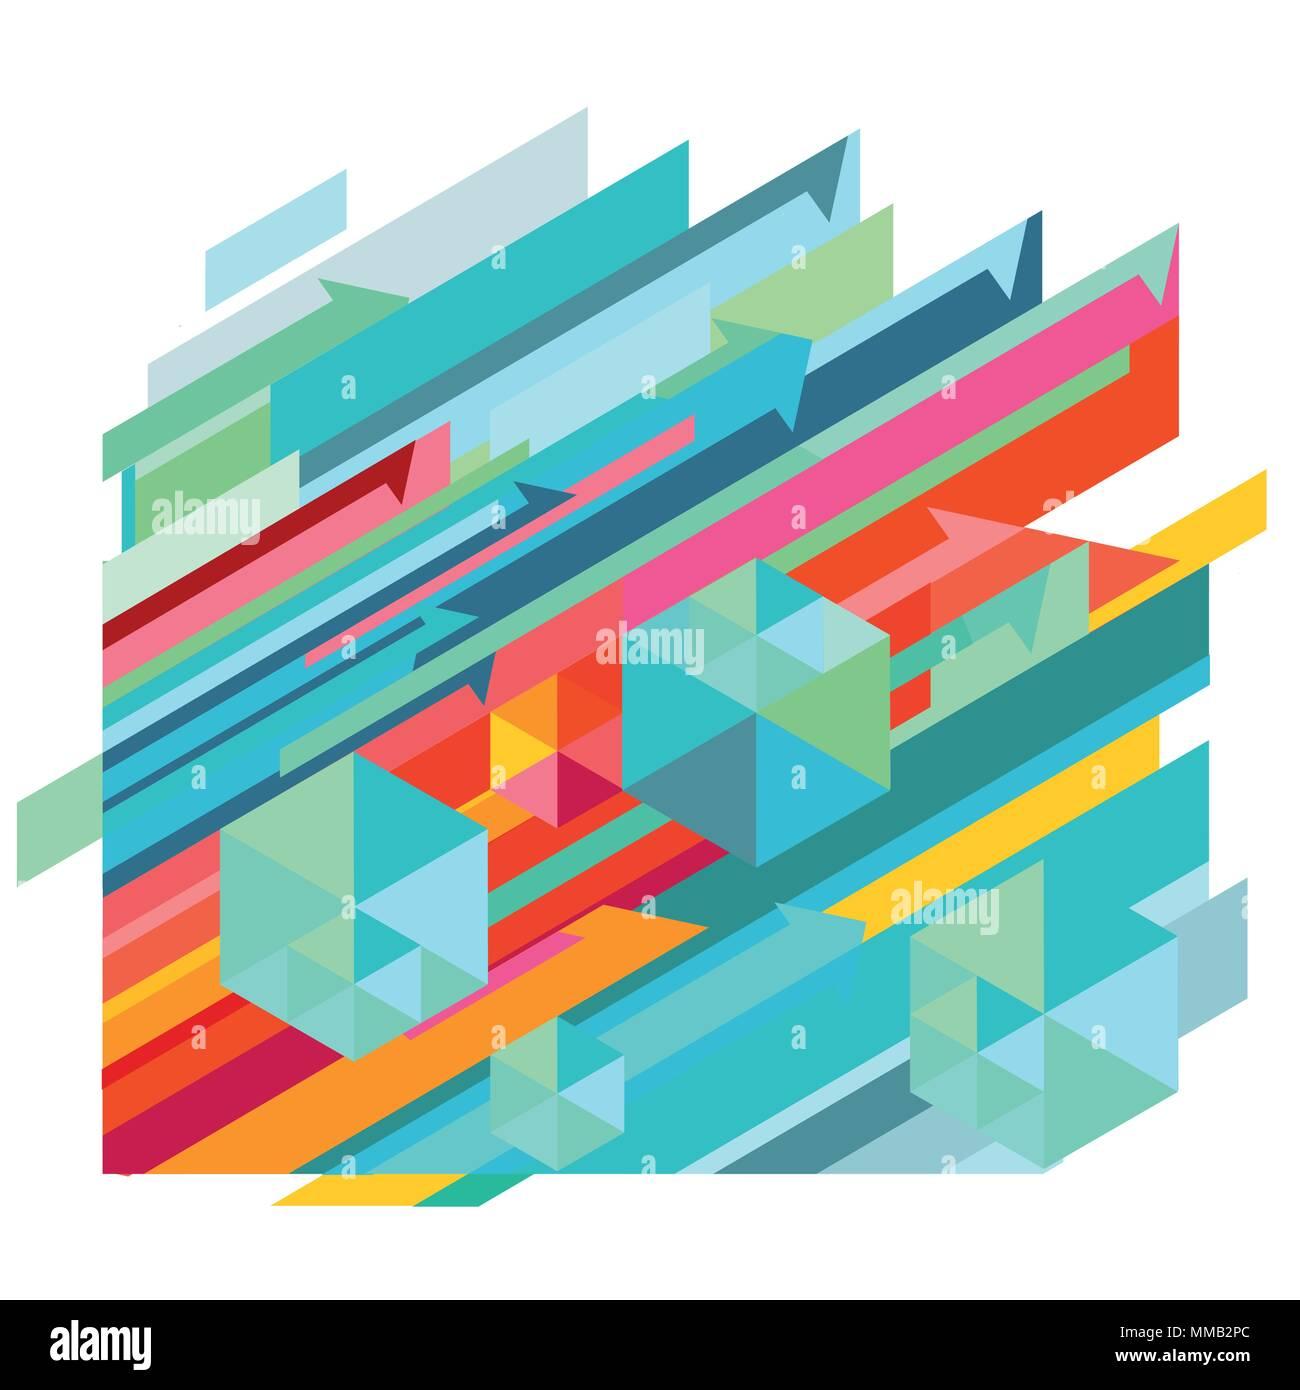 Configurazione dinamica, illustrazione astratta Immagini Stock